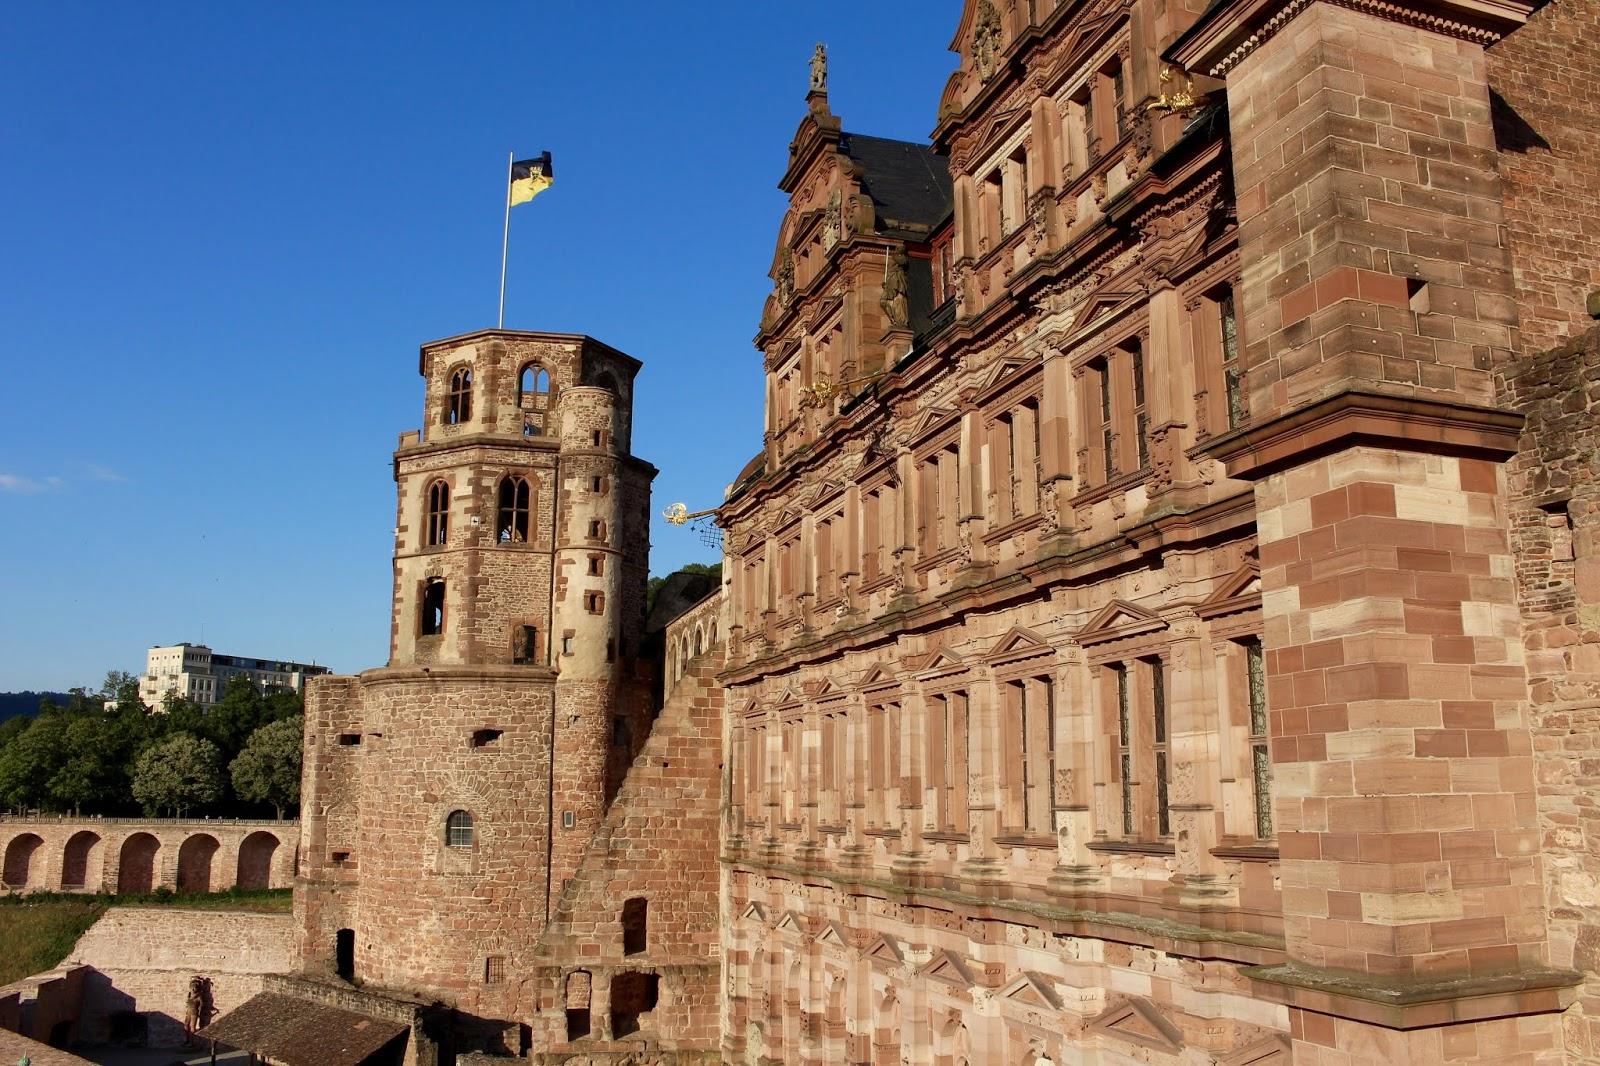 Der Diener zweier Herren von Goldoni bei den Heidelberger Schlossfestspielen: Blick auf die Schlossfassade vom Englischen Bau aus; Foto: Yushka Brand